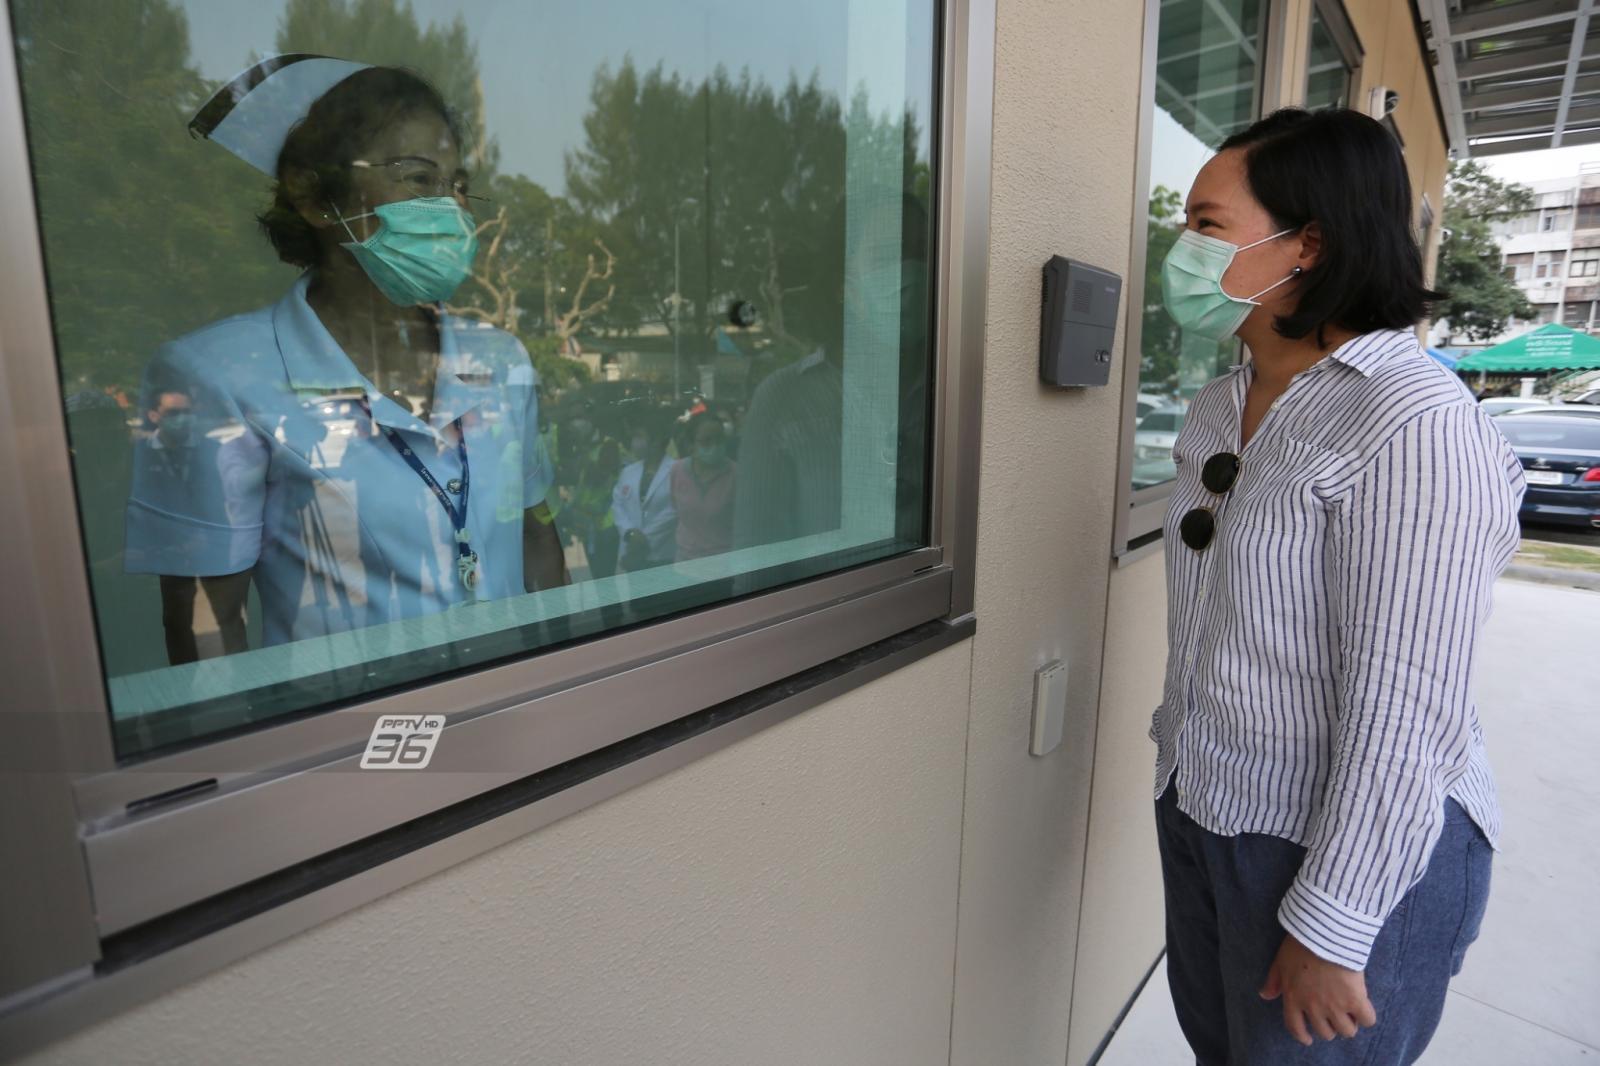 นวัตกรรม ห้องคัดกรองและตรวจผู้ที่มีความเสี่ยง โควิด-19 ลดเสี่ยงให้บุคลากรการแพทย์